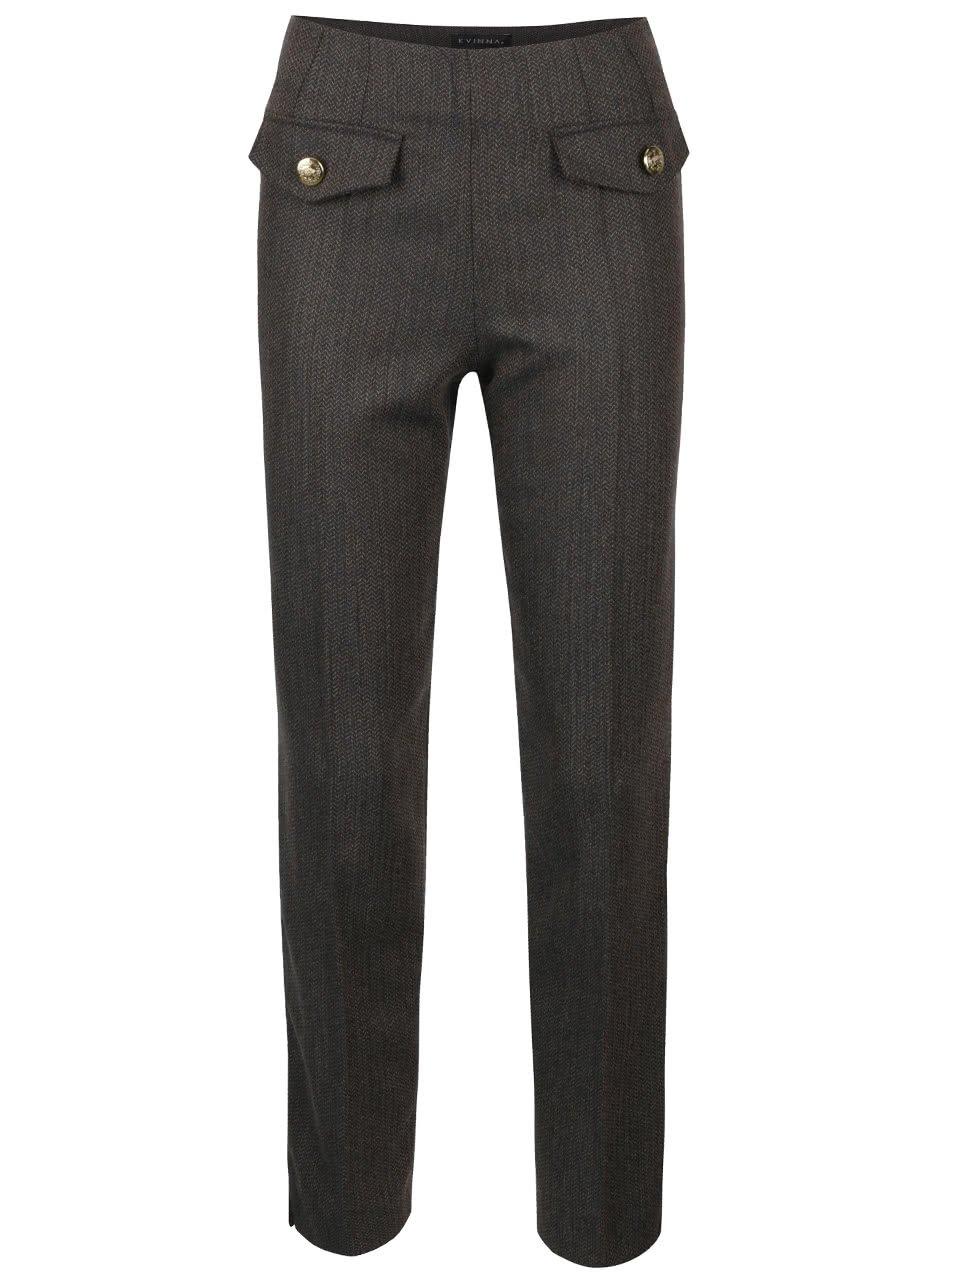 Zeleno-hnědé vlněné kalhoty Kvinna English Hunter